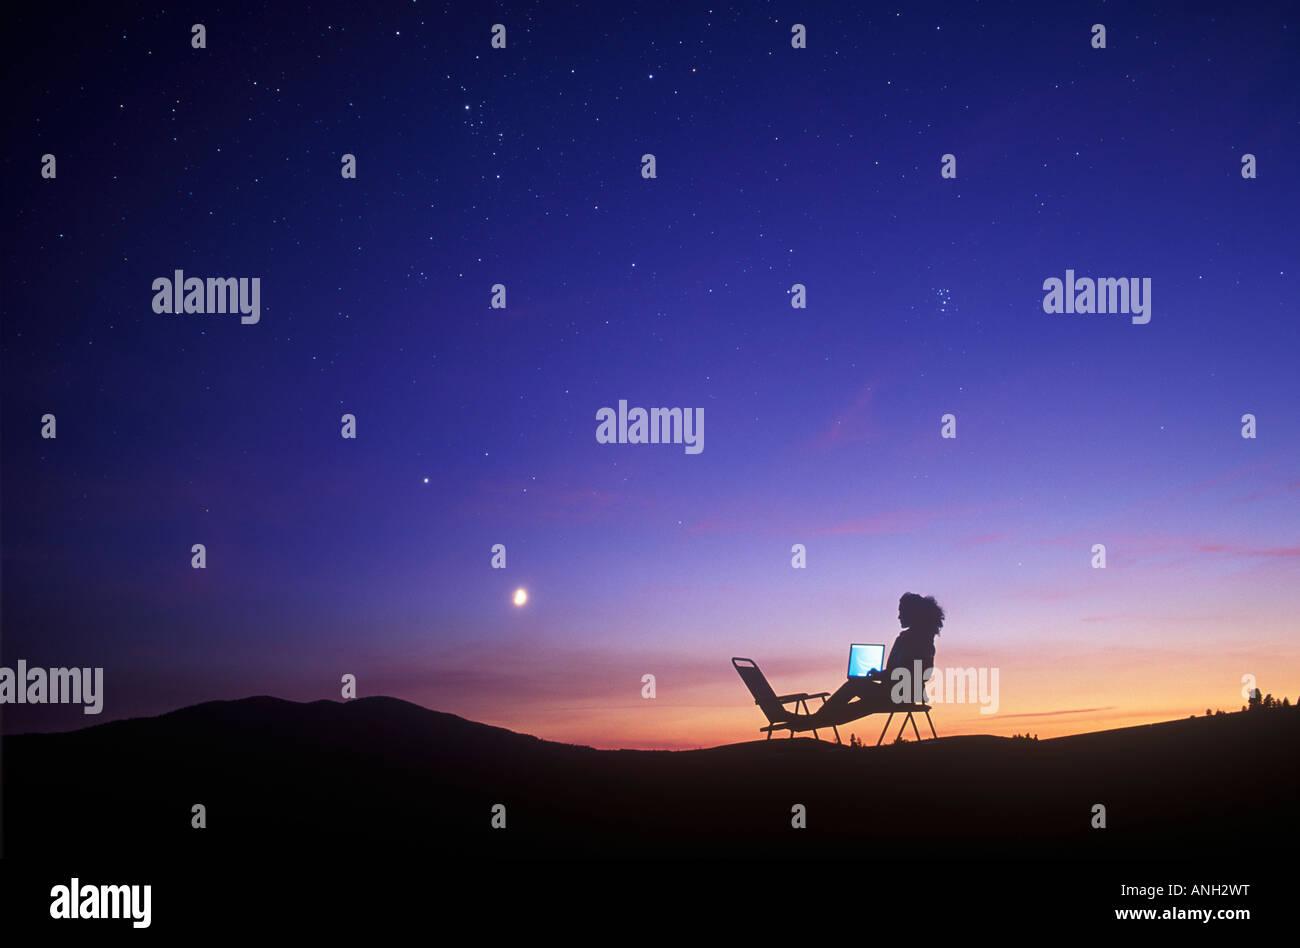 Utilizzando un computer portatile su una stella riempito di notte, British Columbia, Canada. Immagini Stock